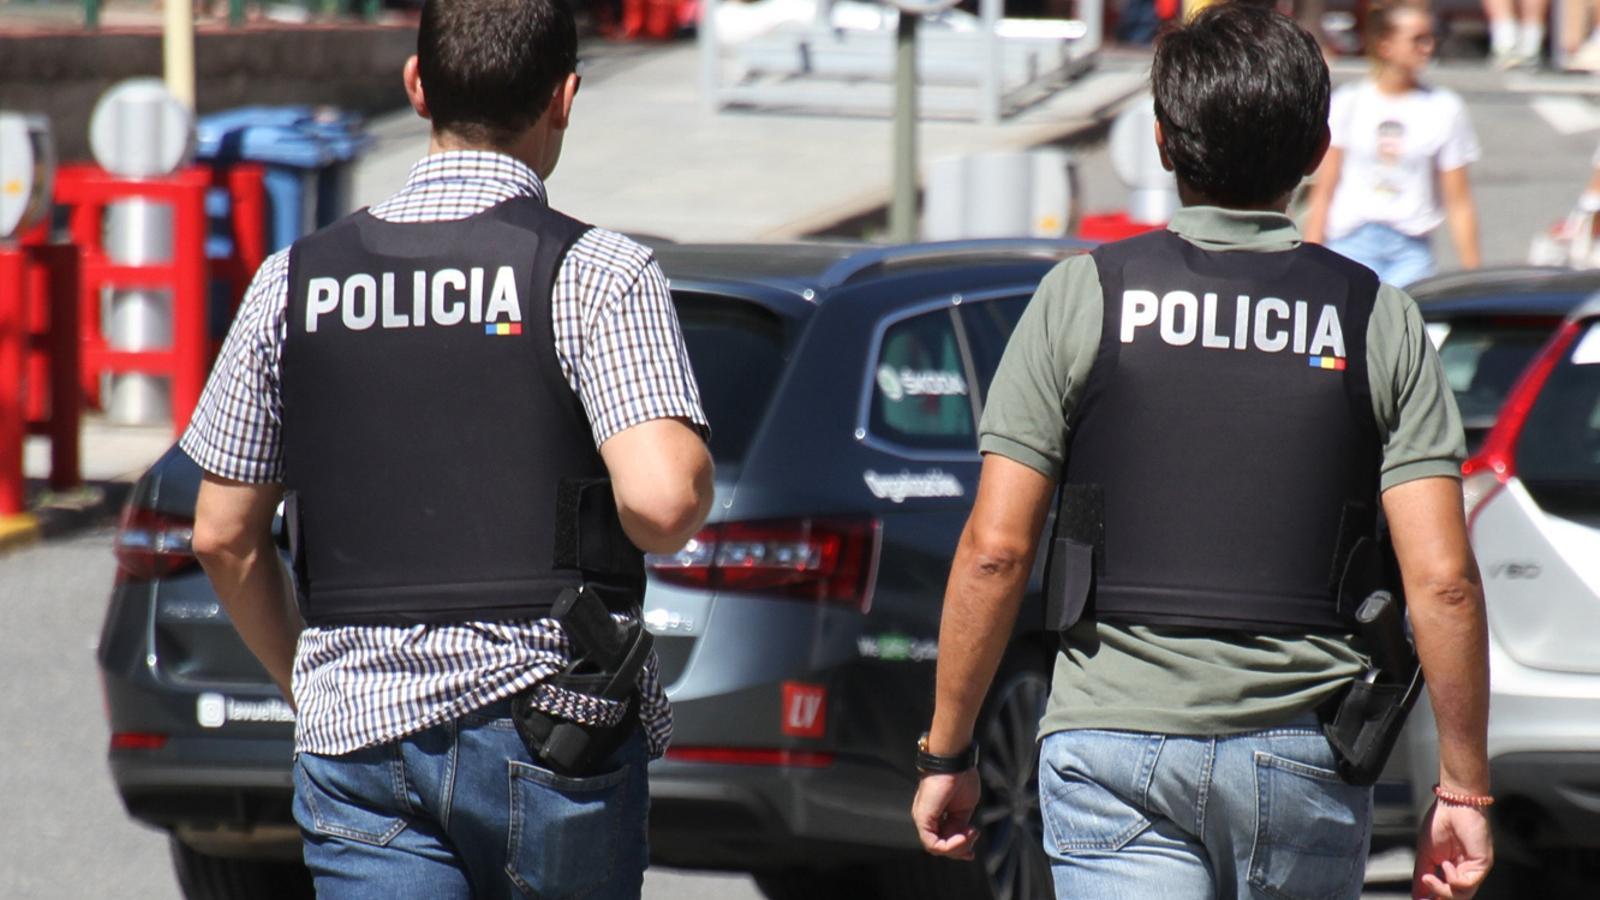 Una patrulla de la policia / policia